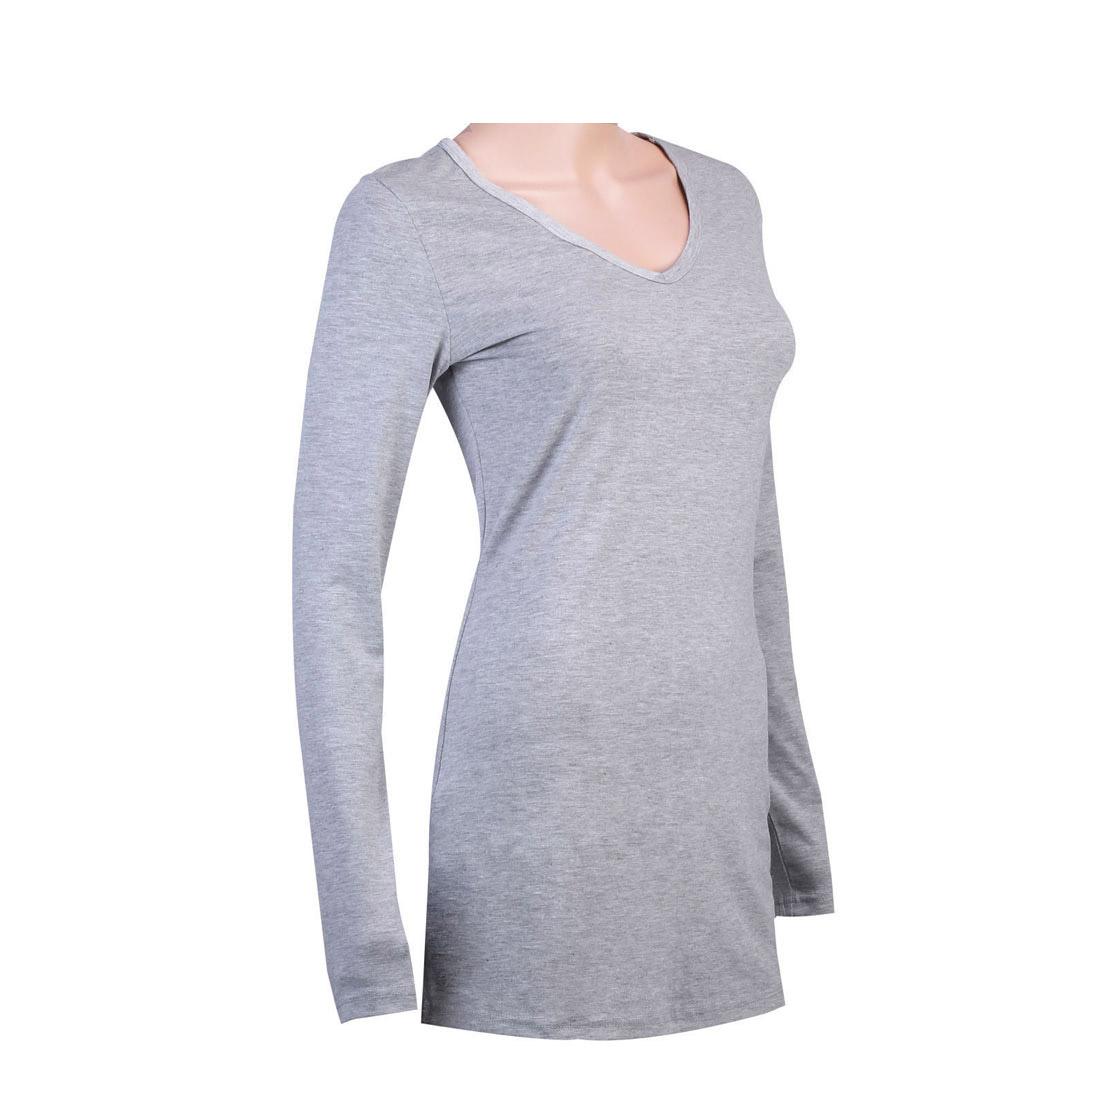 Women cotton basic tee long sleeve v neck crew neck slim for Basic shirts for women